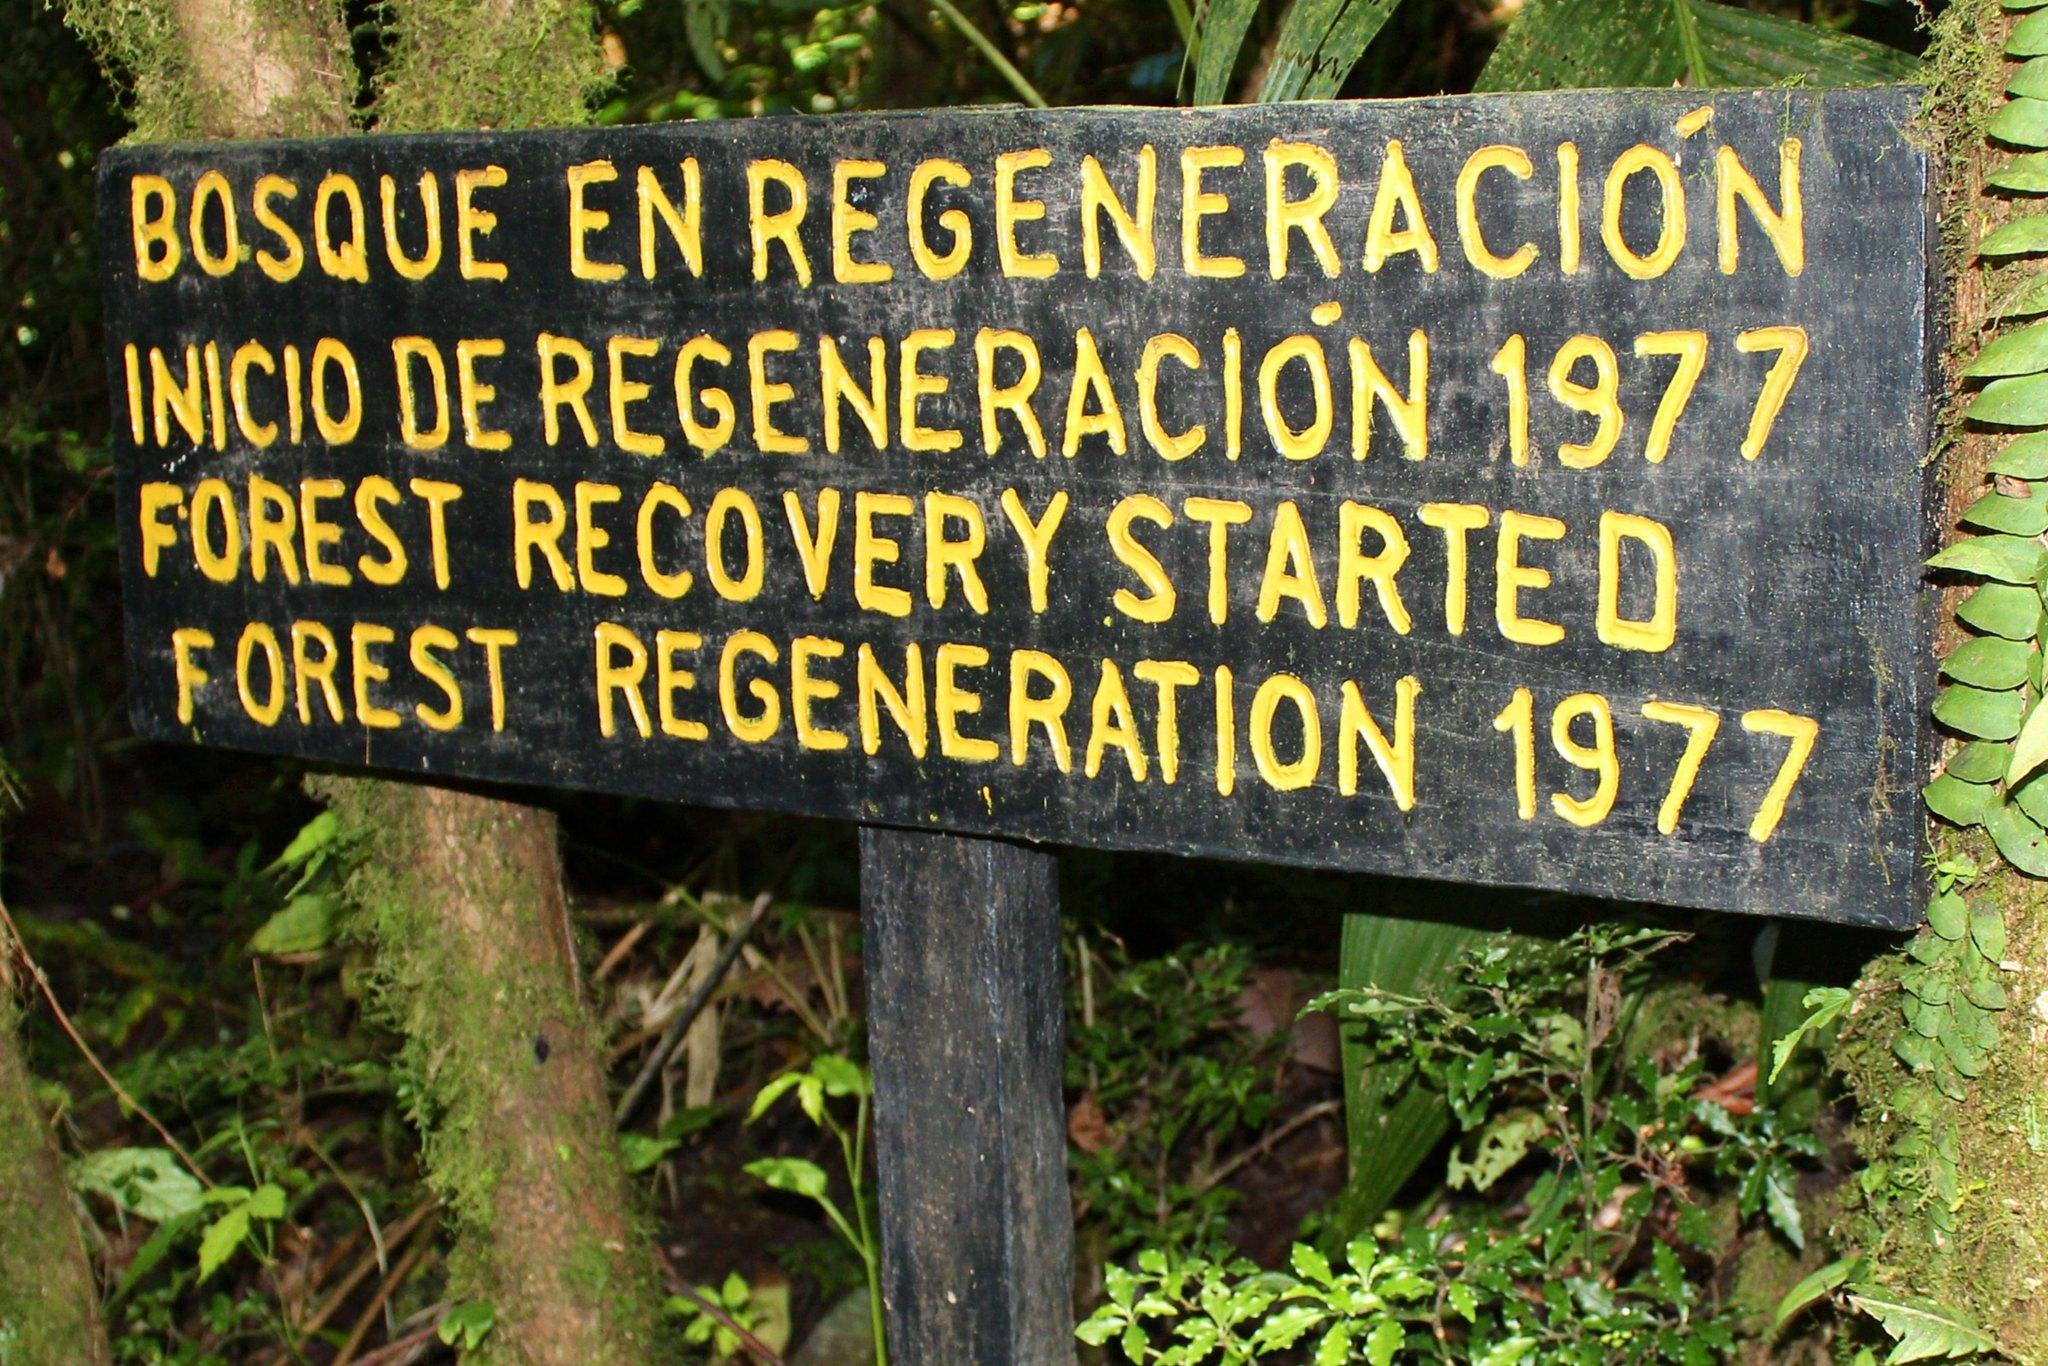 cartello avviso foresta in rigenerazione